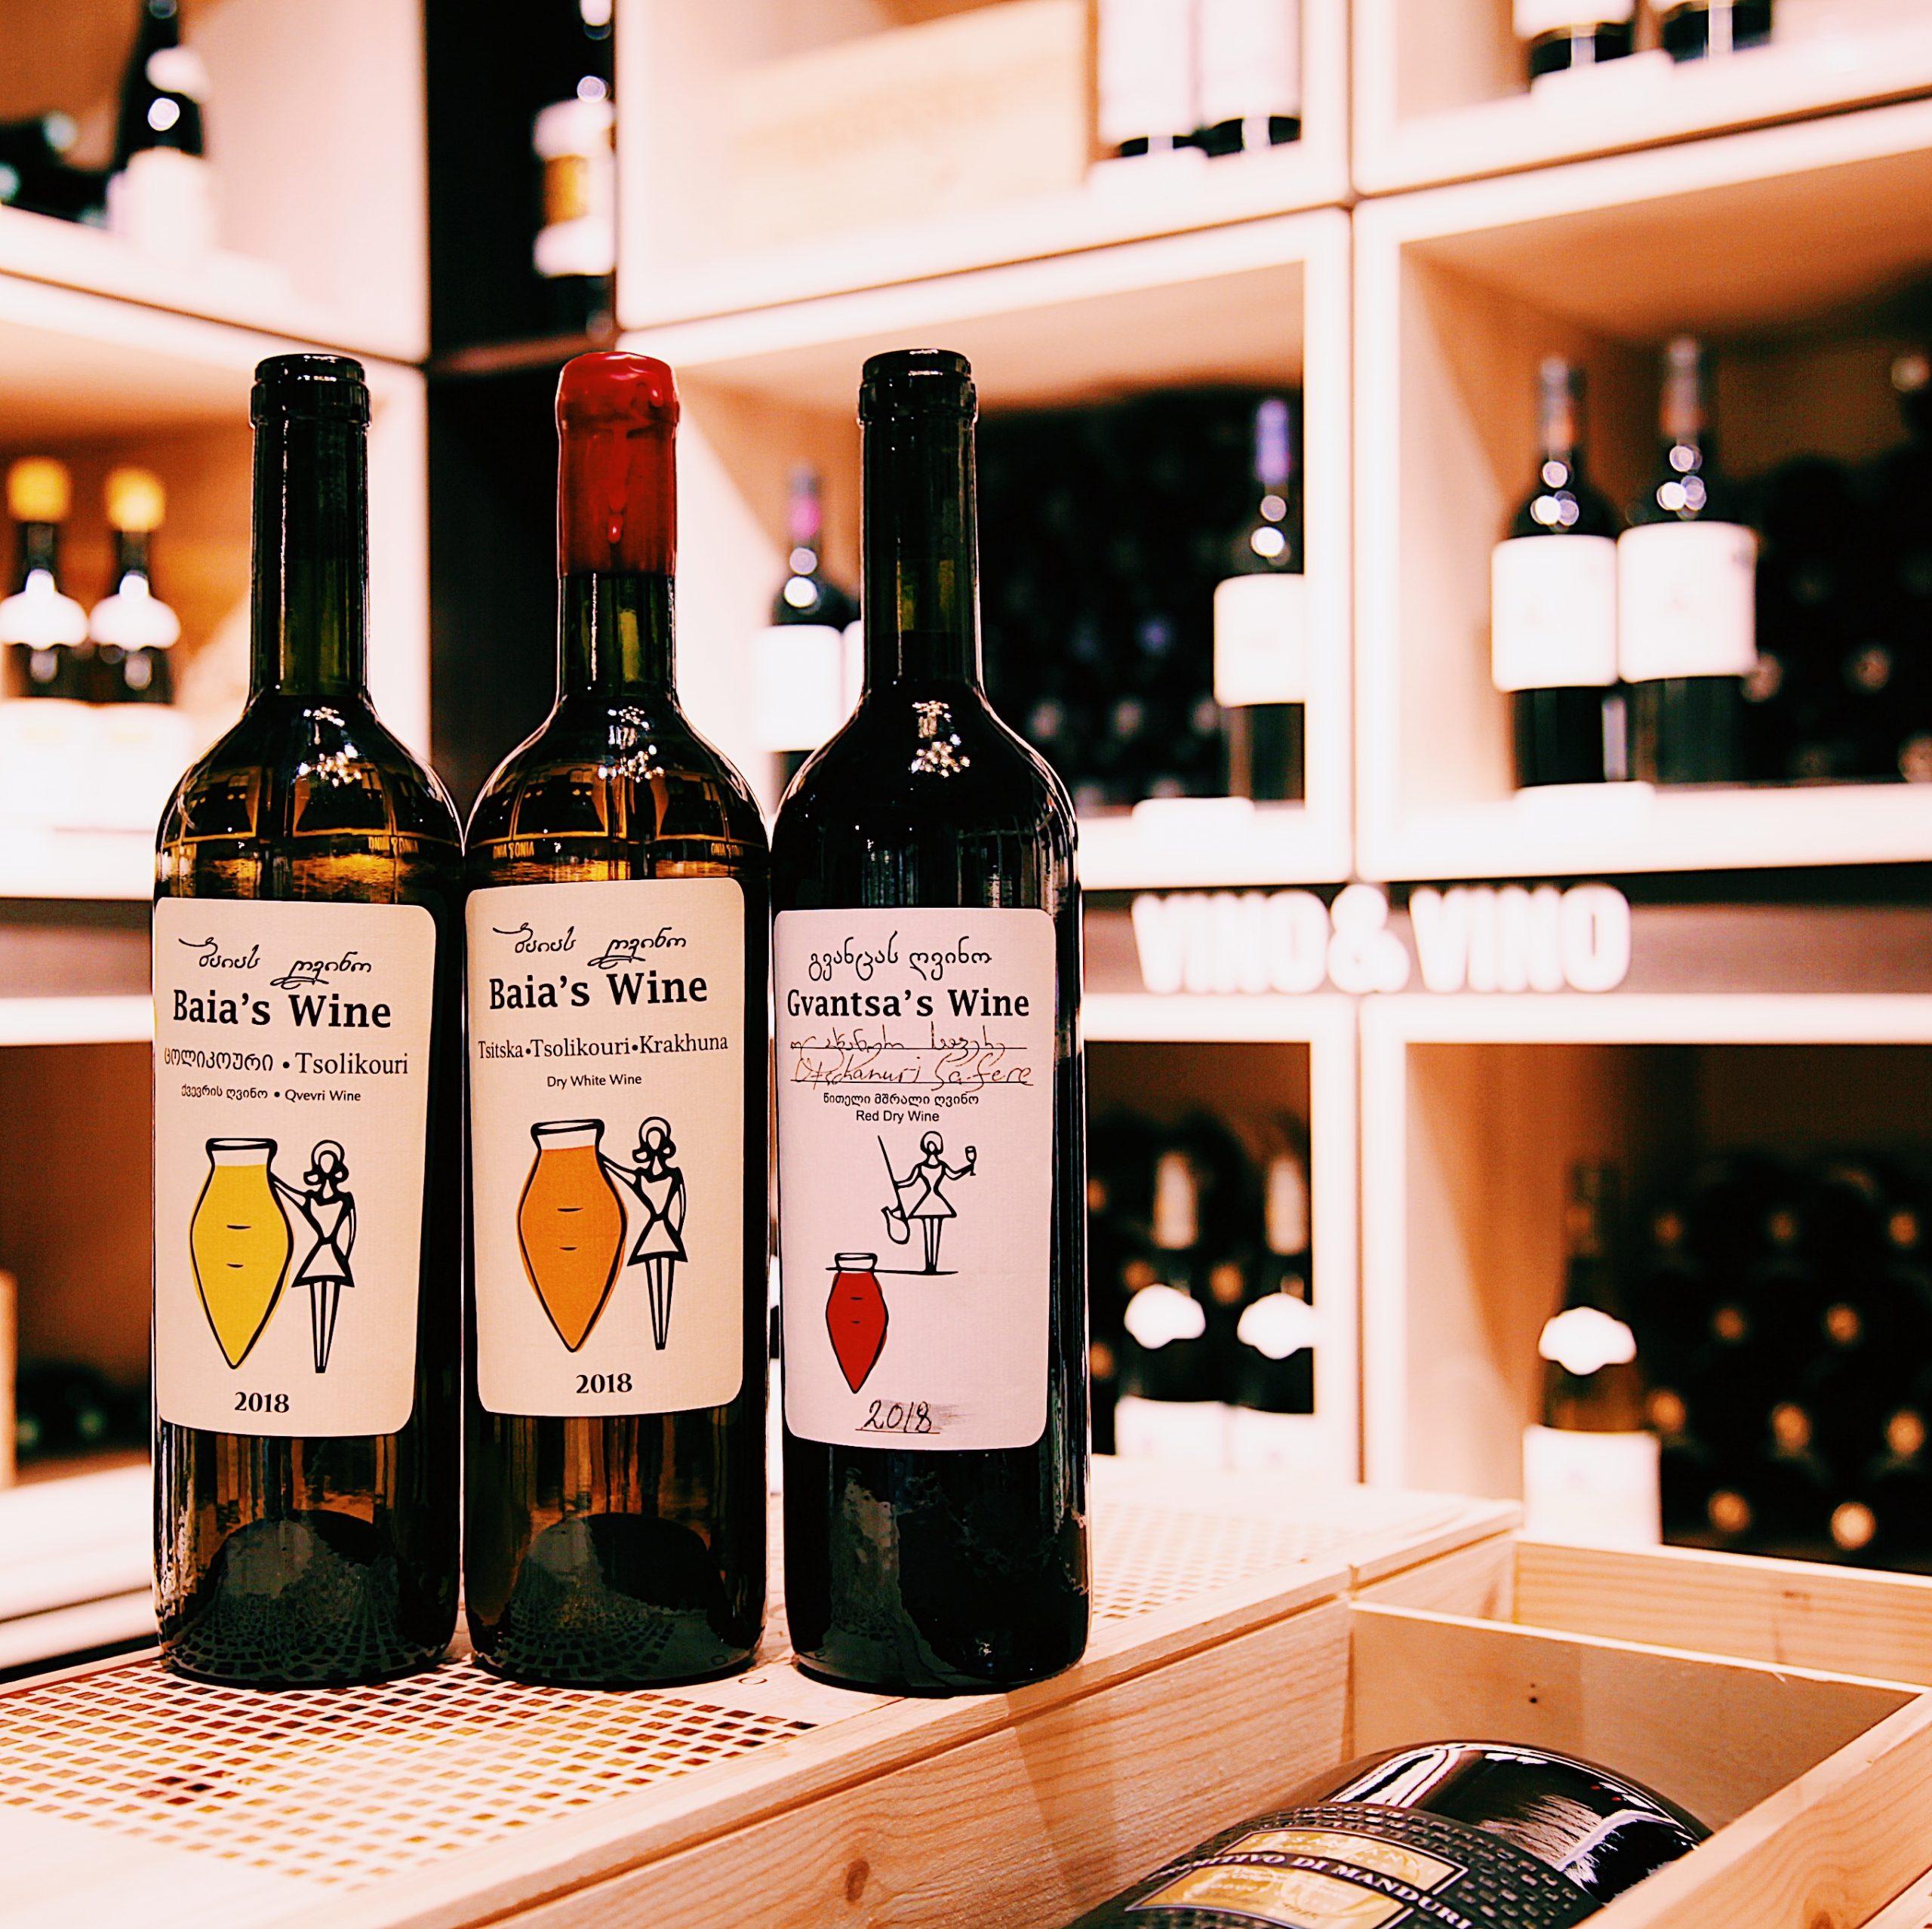 გვანცას ღვინო – ოცხანური საფერე